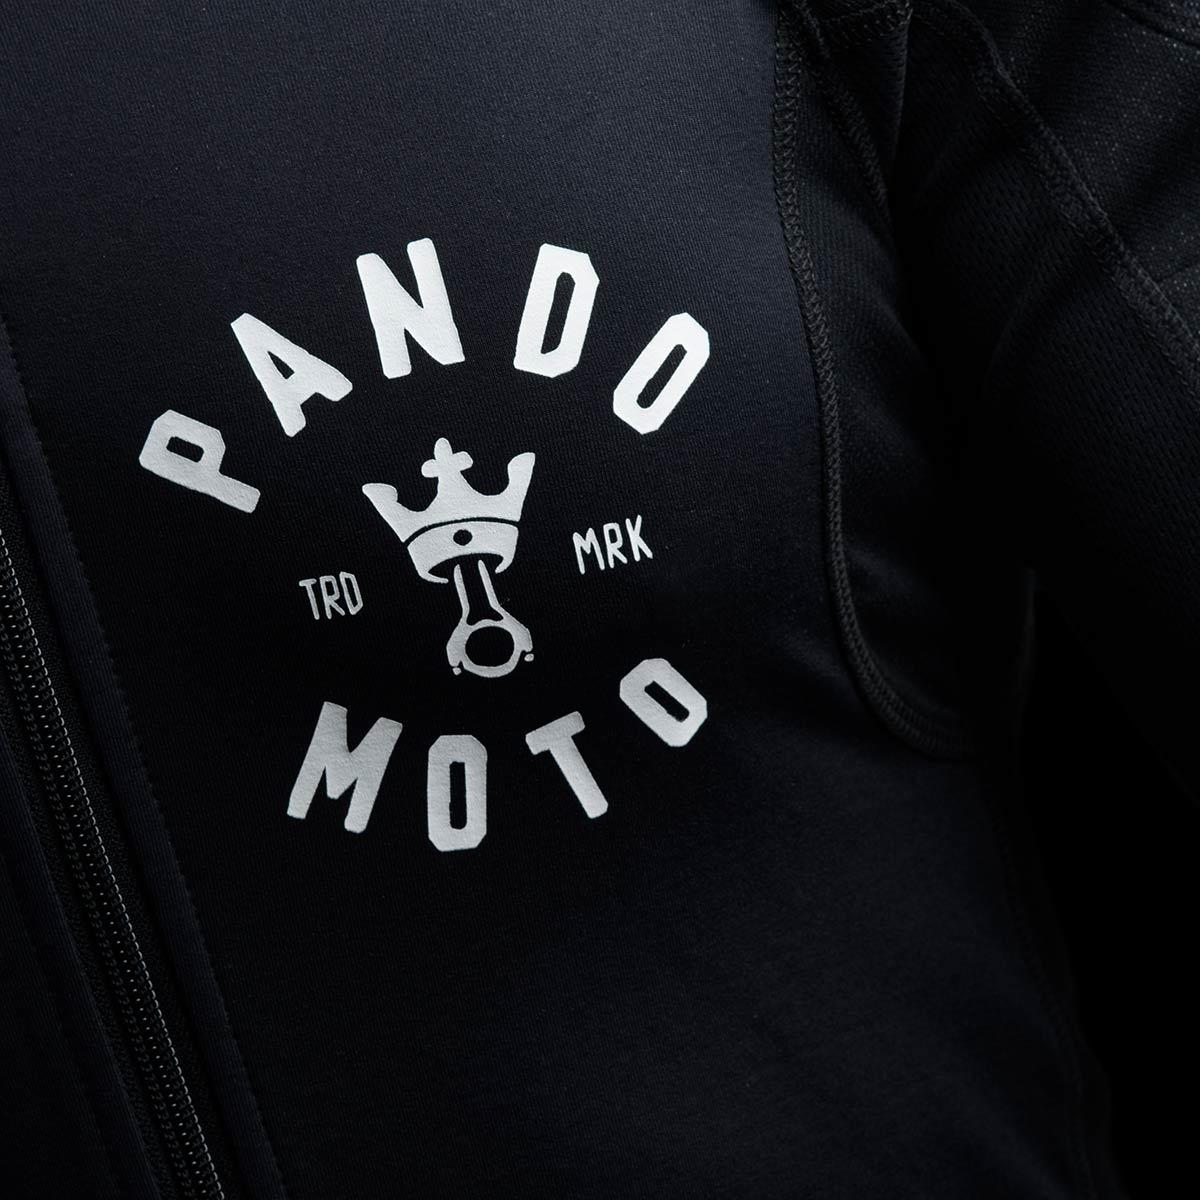 Pando Moto Shell UH 01 - Unisex Base Top